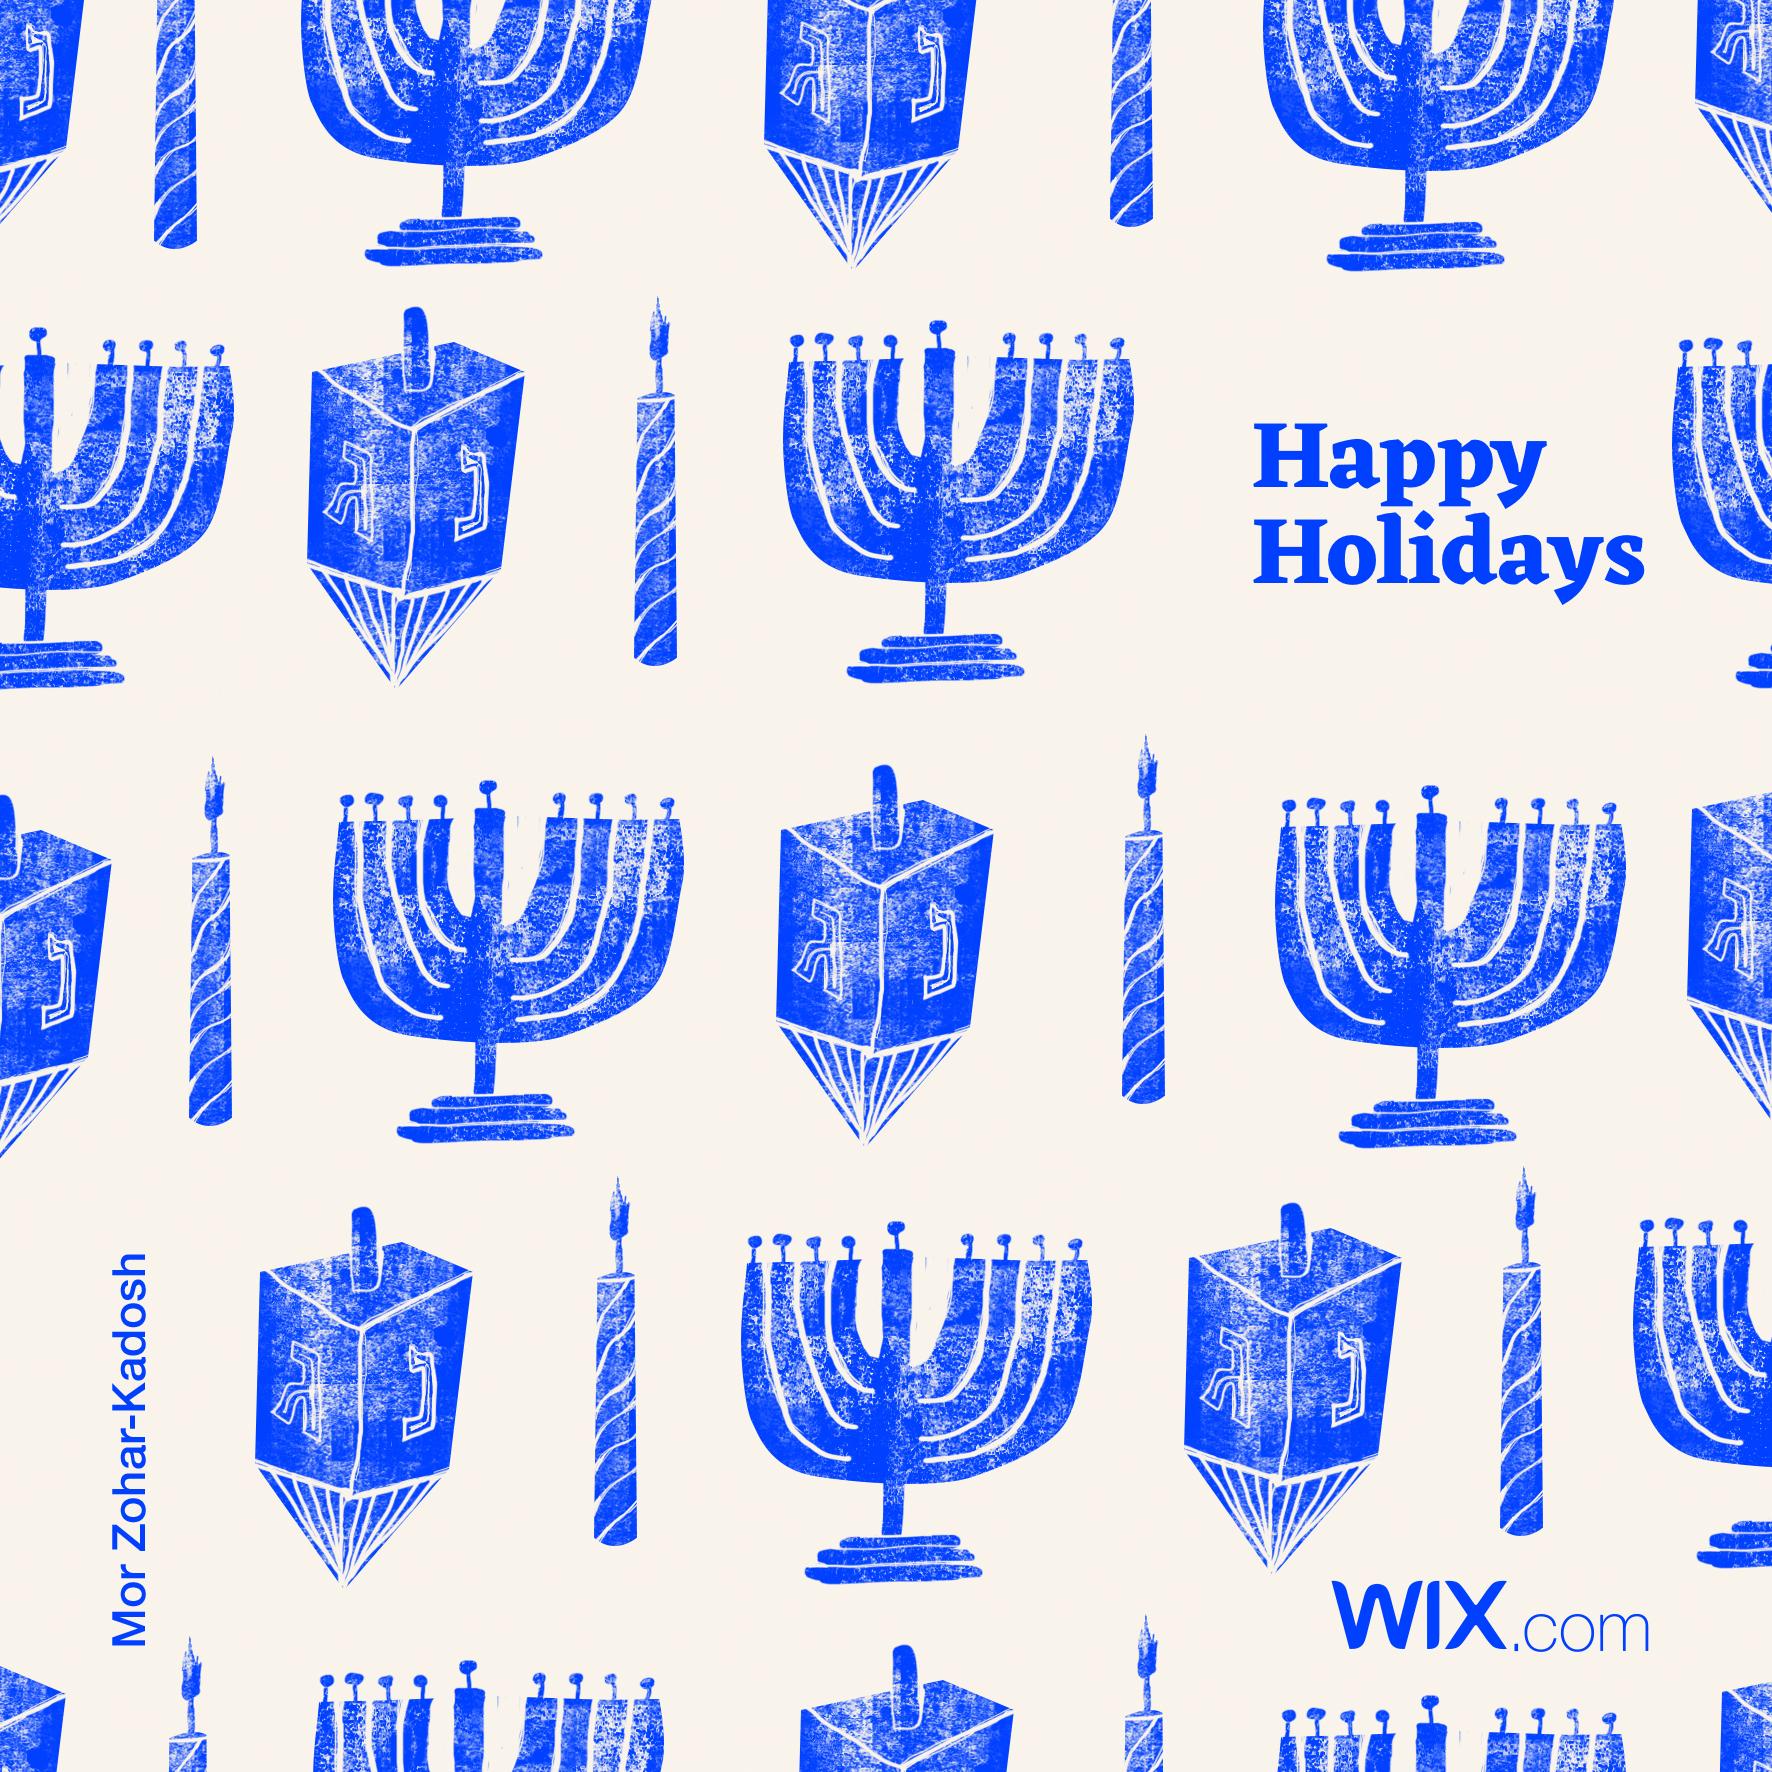 Free online greeting card by Mor Zohar-Kadosh